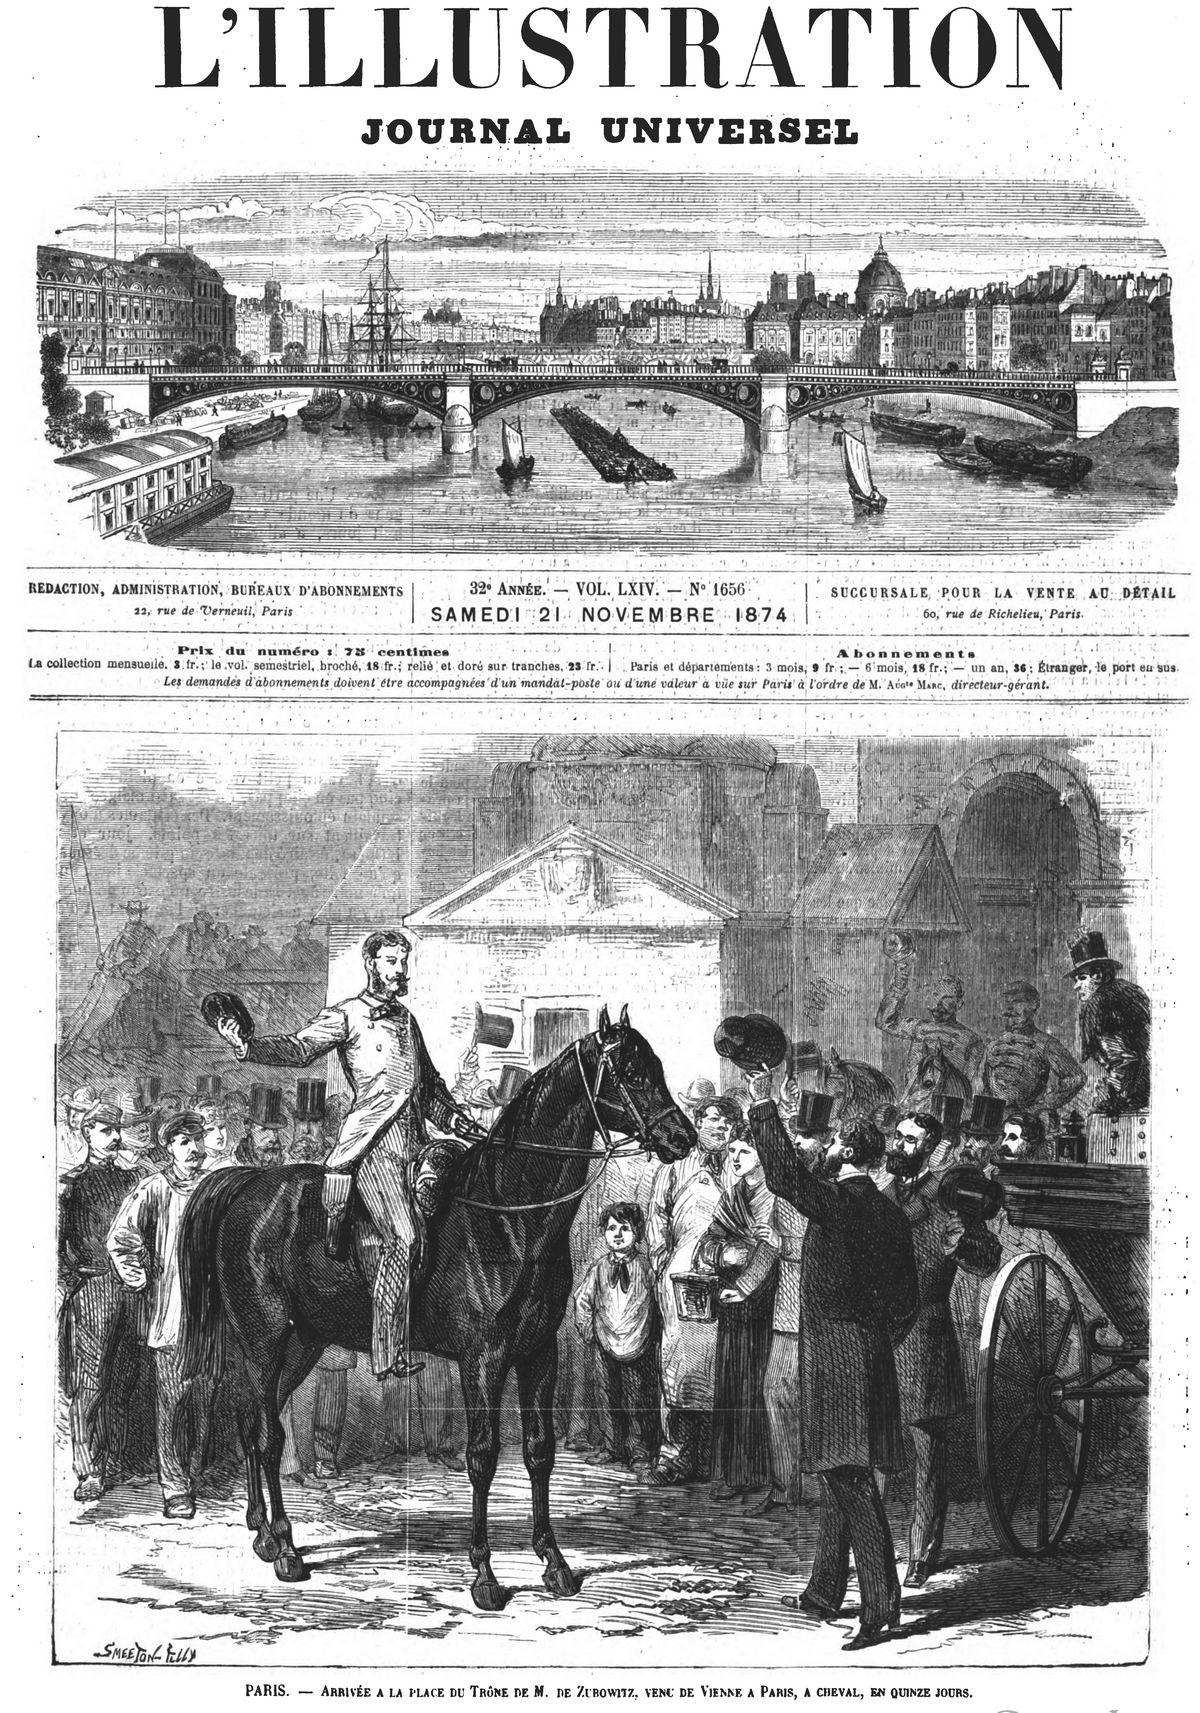 Paris : arrivée à la place du Trône de M. de Zubowitz, venu de Vienne, à cheval, en quinze jours. Gravure 1874